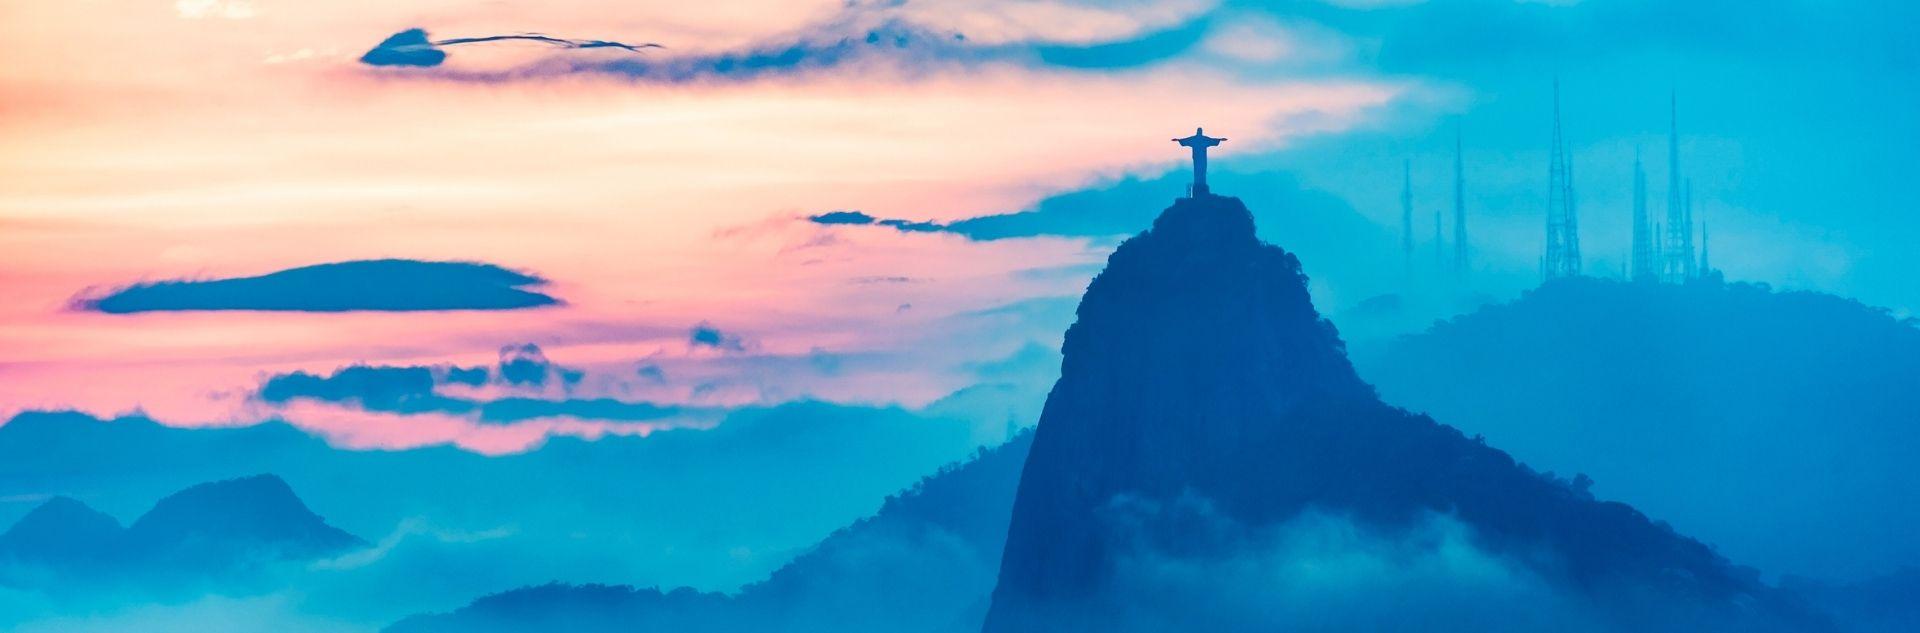 Rio de Janeiro, Sonnenuntergang